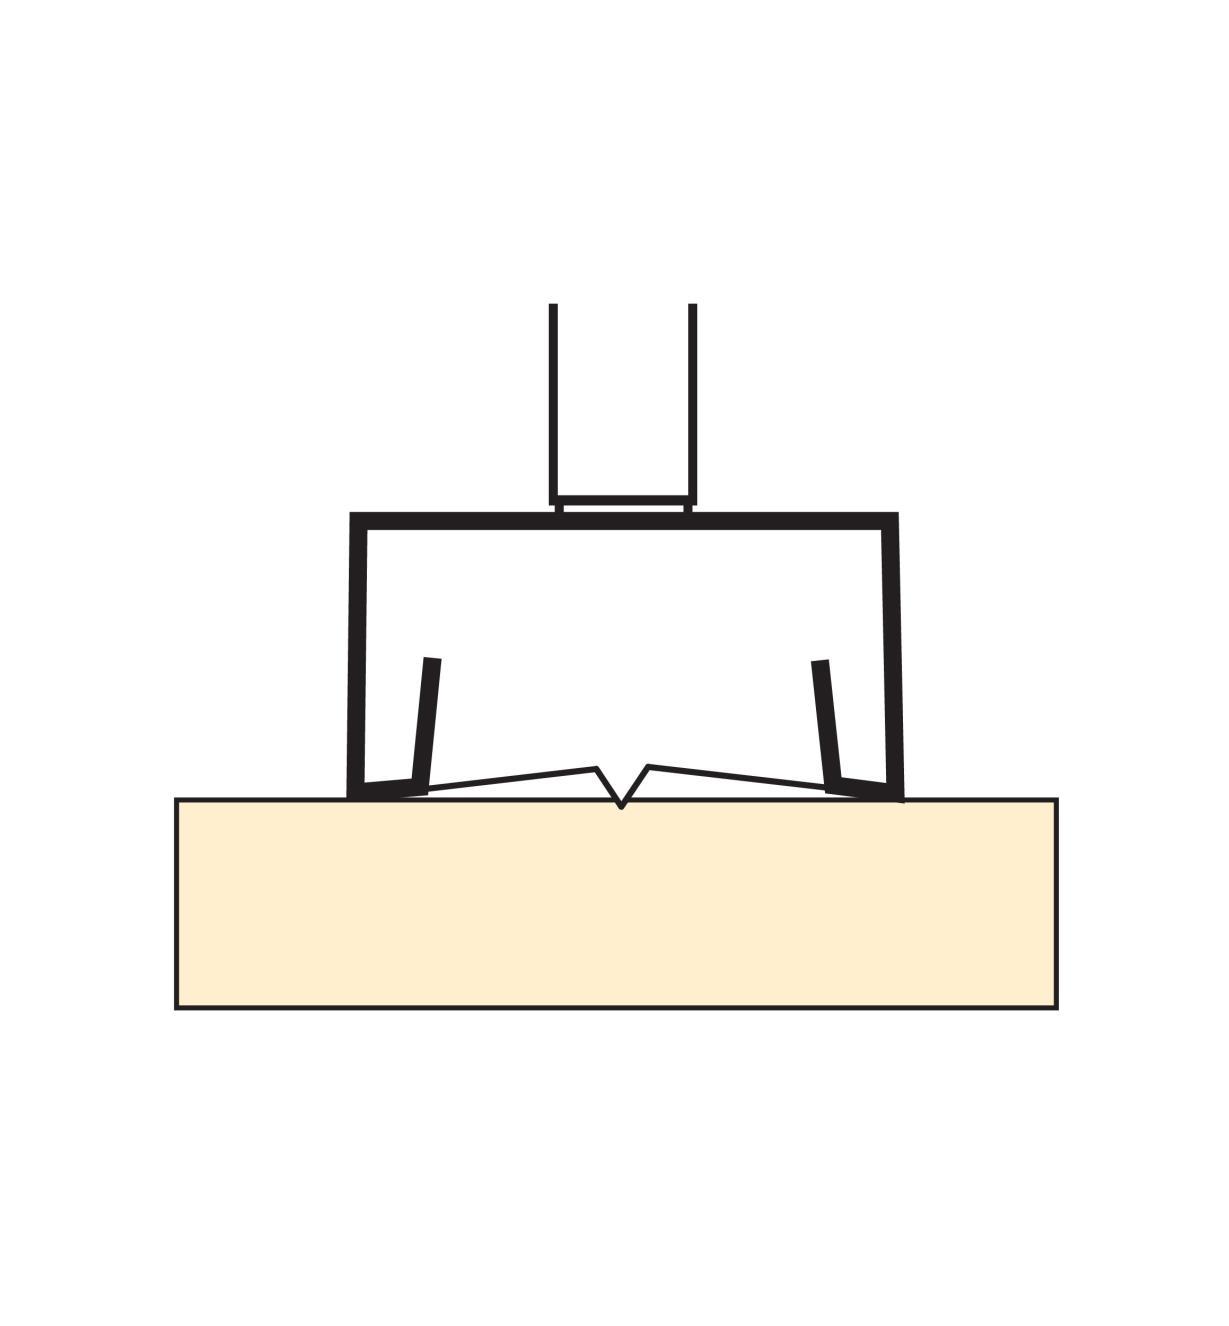 06J7117 - Mèche à arêtes dentées en acier rapide, 11/16po